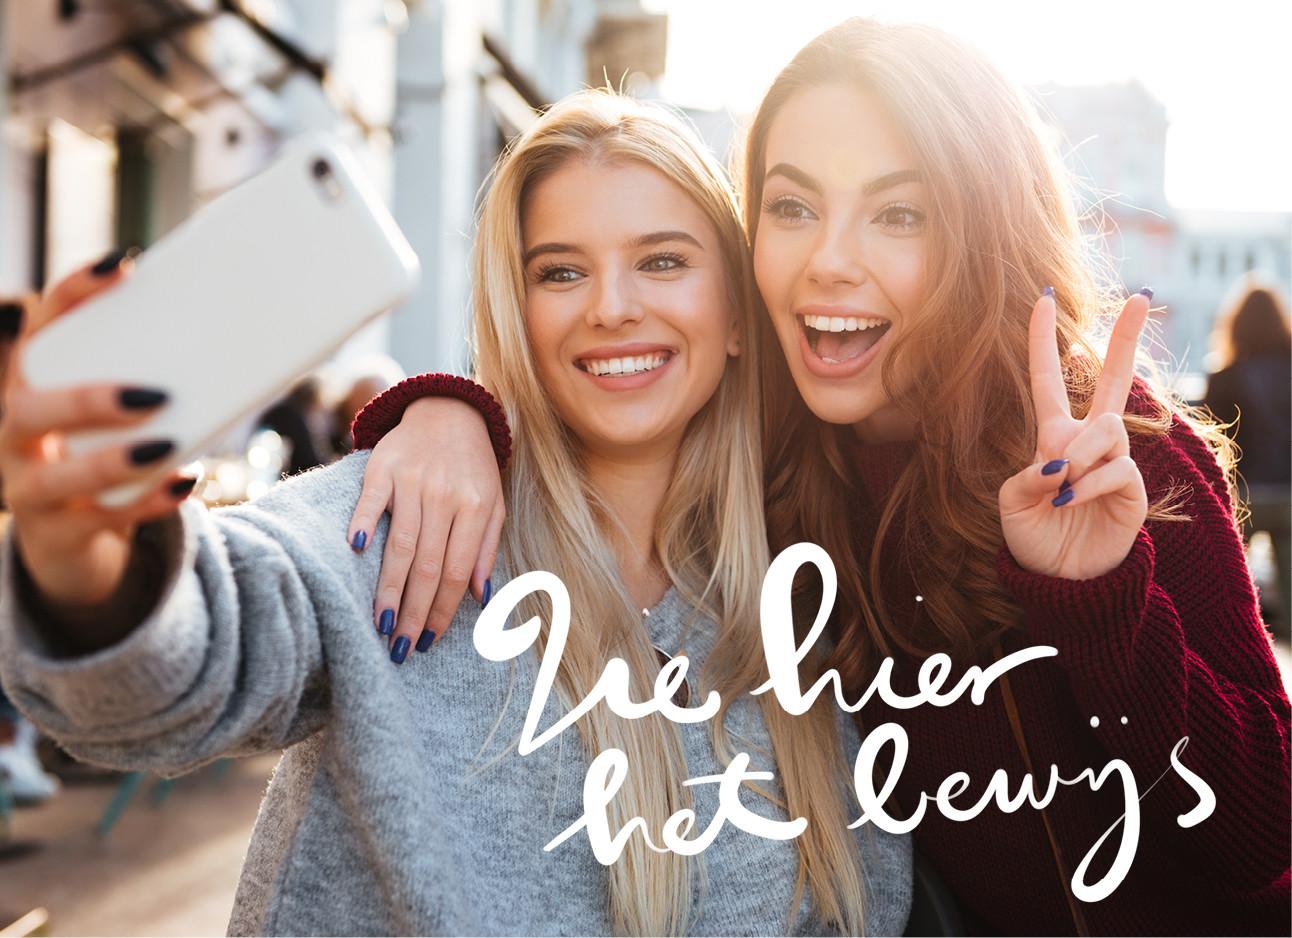 2 meiden die samen een selfie maken in de stad